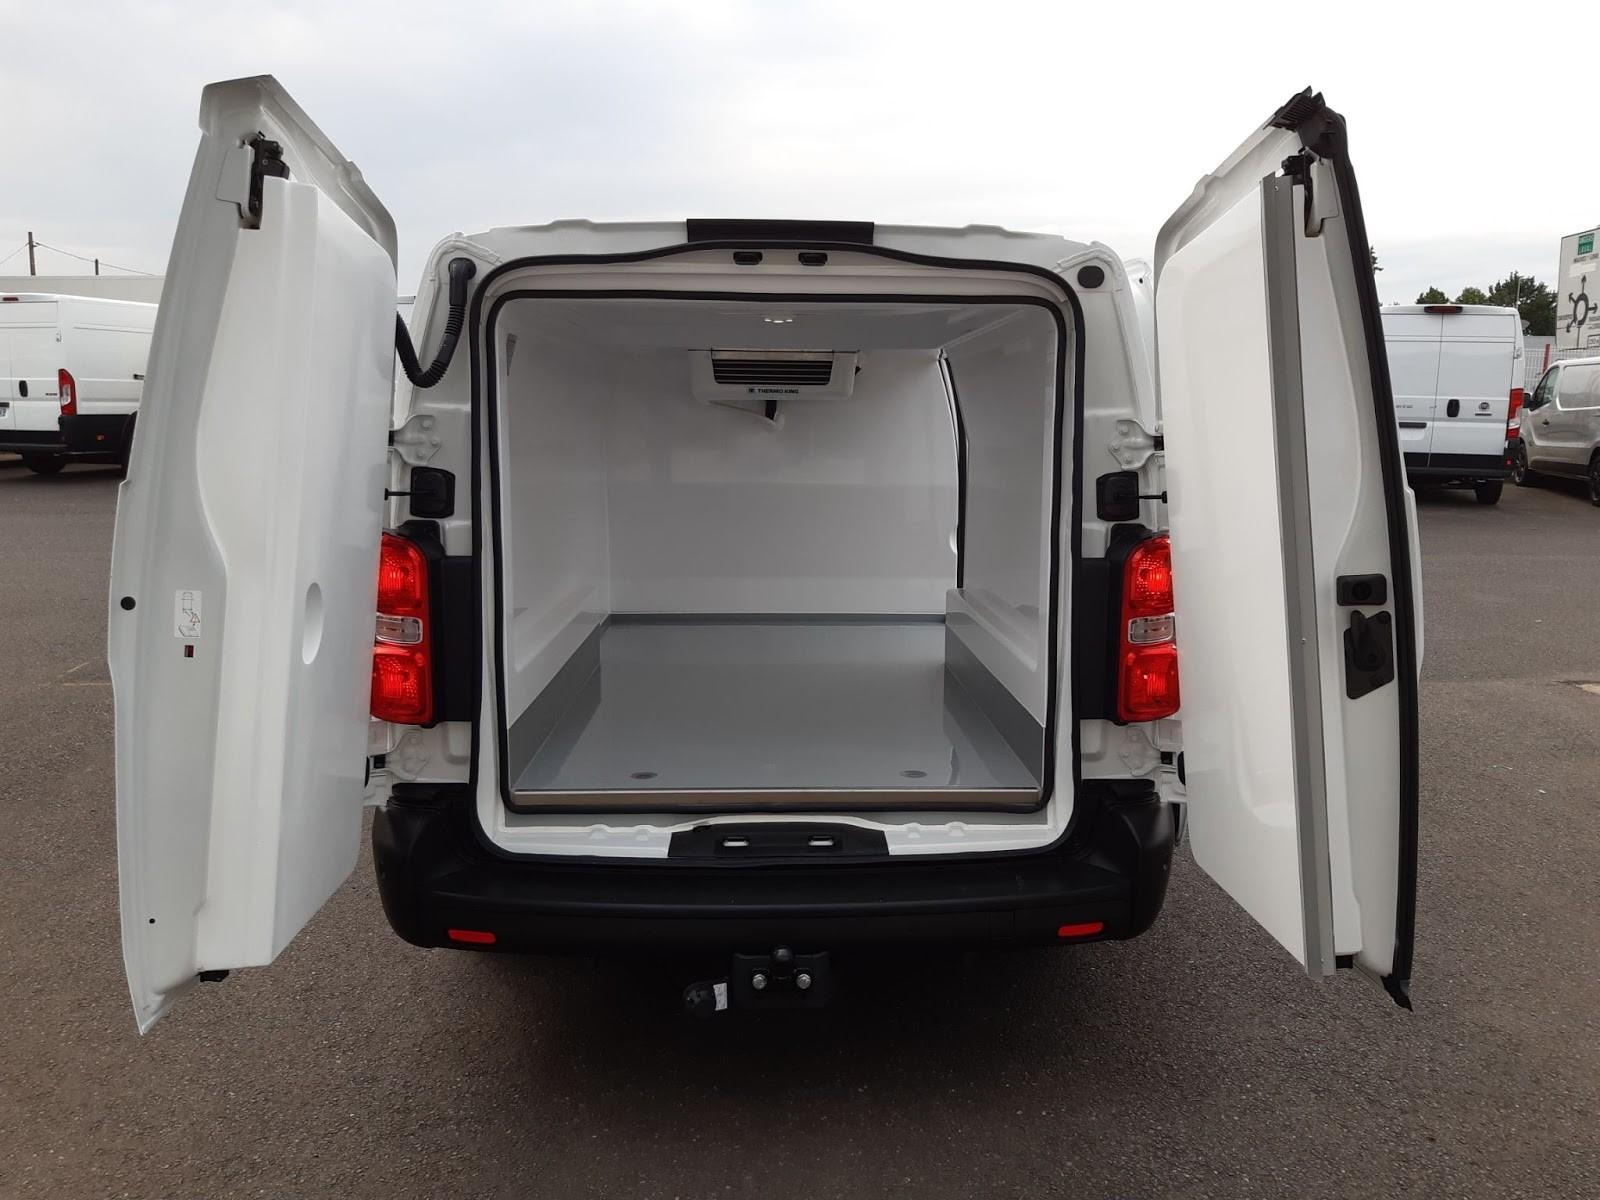 Location longue durée d'un fourgon compact frigorifique - Opel Vivaro L3 PACK BUSINESS - Vue3